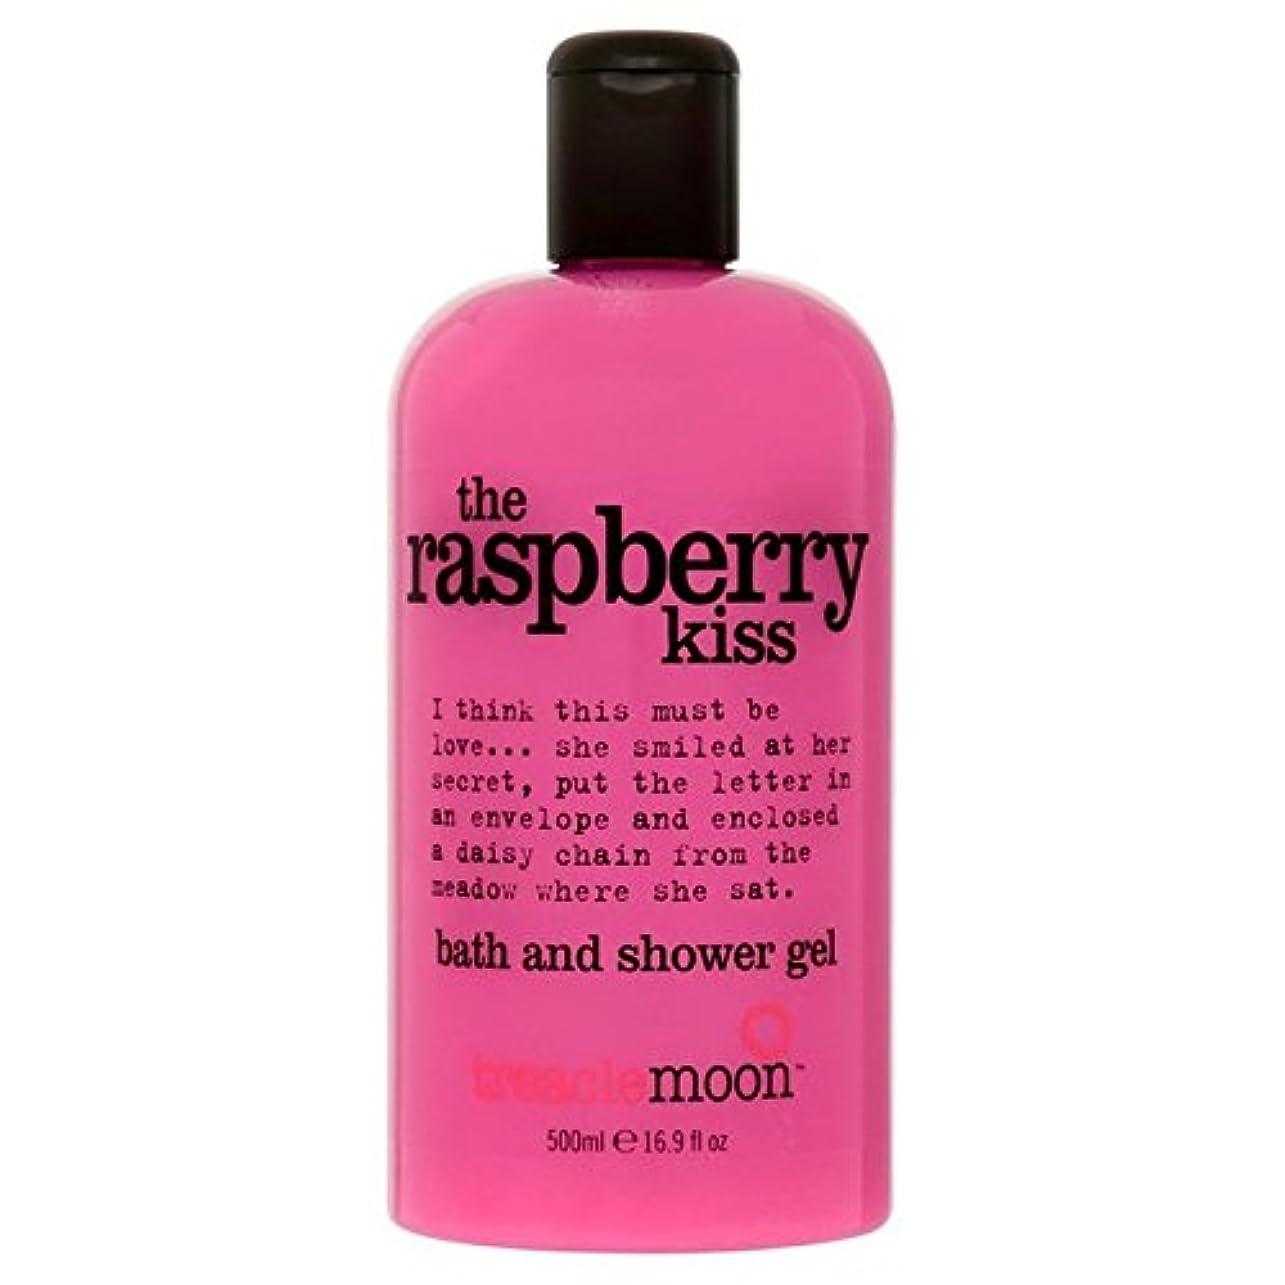 信頼性想像力豊かなクリーム糖蜜ムーンラズベリーバス&シャワージェル500ミリリットル x4 - Treacle Moon Raspberry Bath & Shower Gel 500ml (Pack of 4) [並行輸入品]